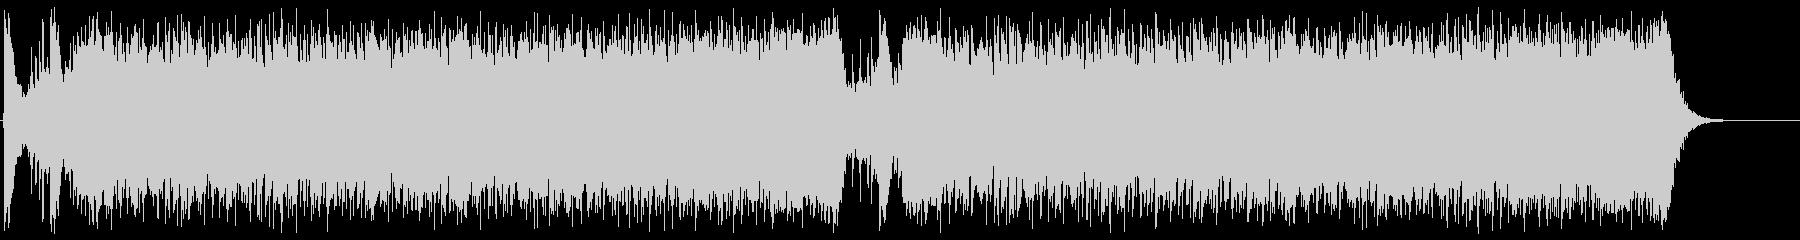 緊迫感を演出するシンフォニックロック3の未再生の波形